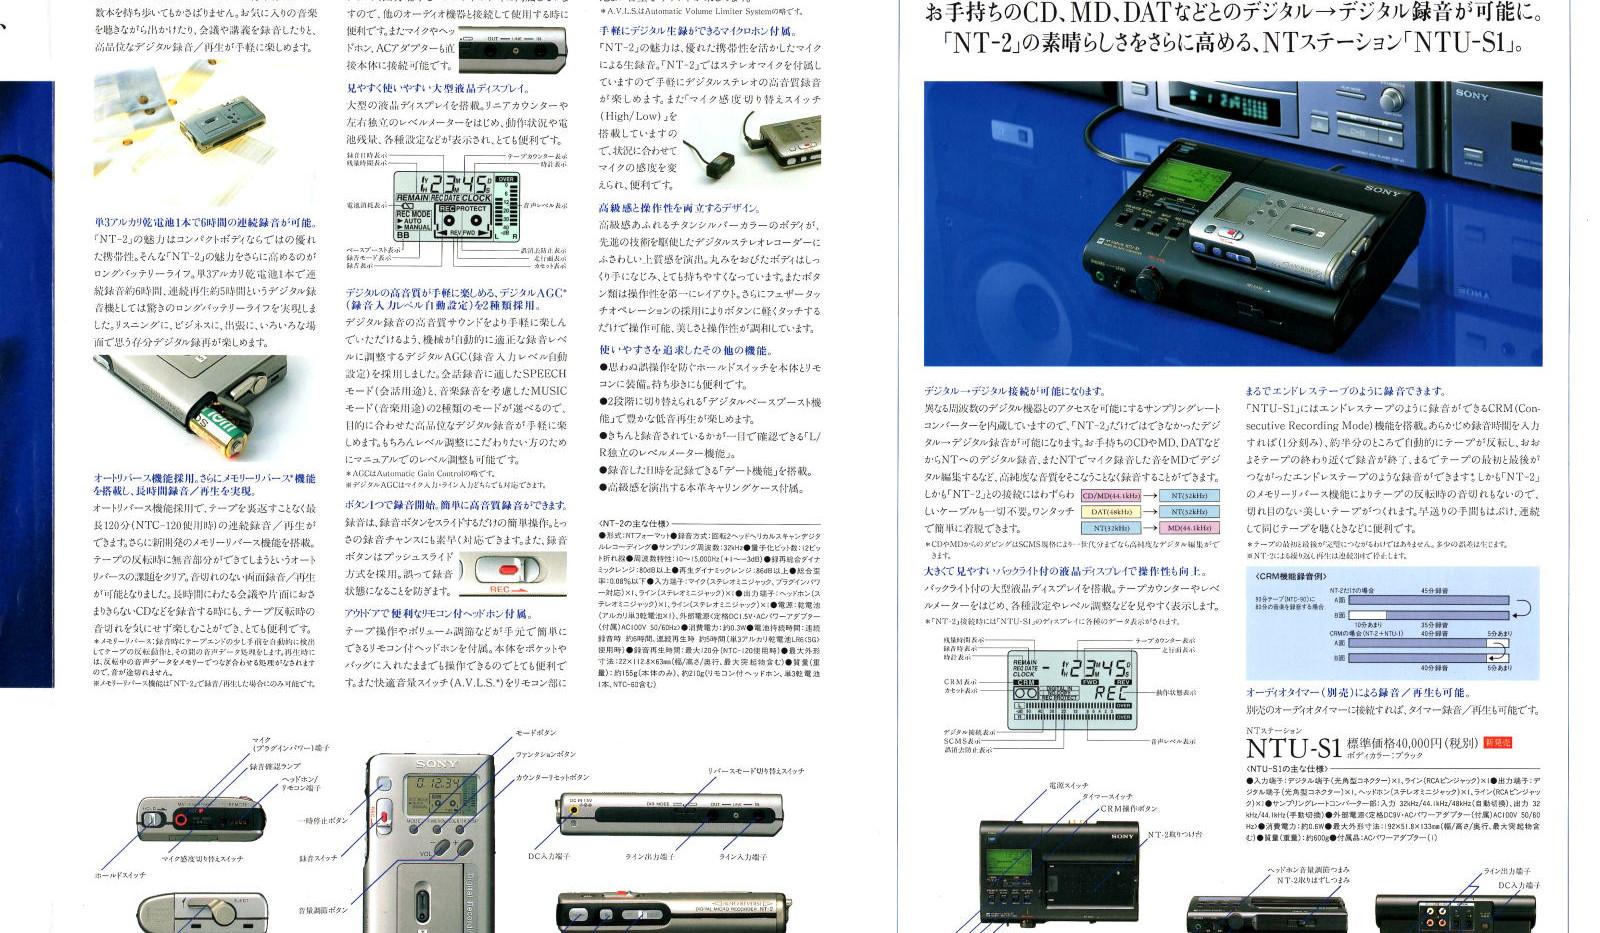 19951.10-NT-2-NTU-S1-EF.jpg